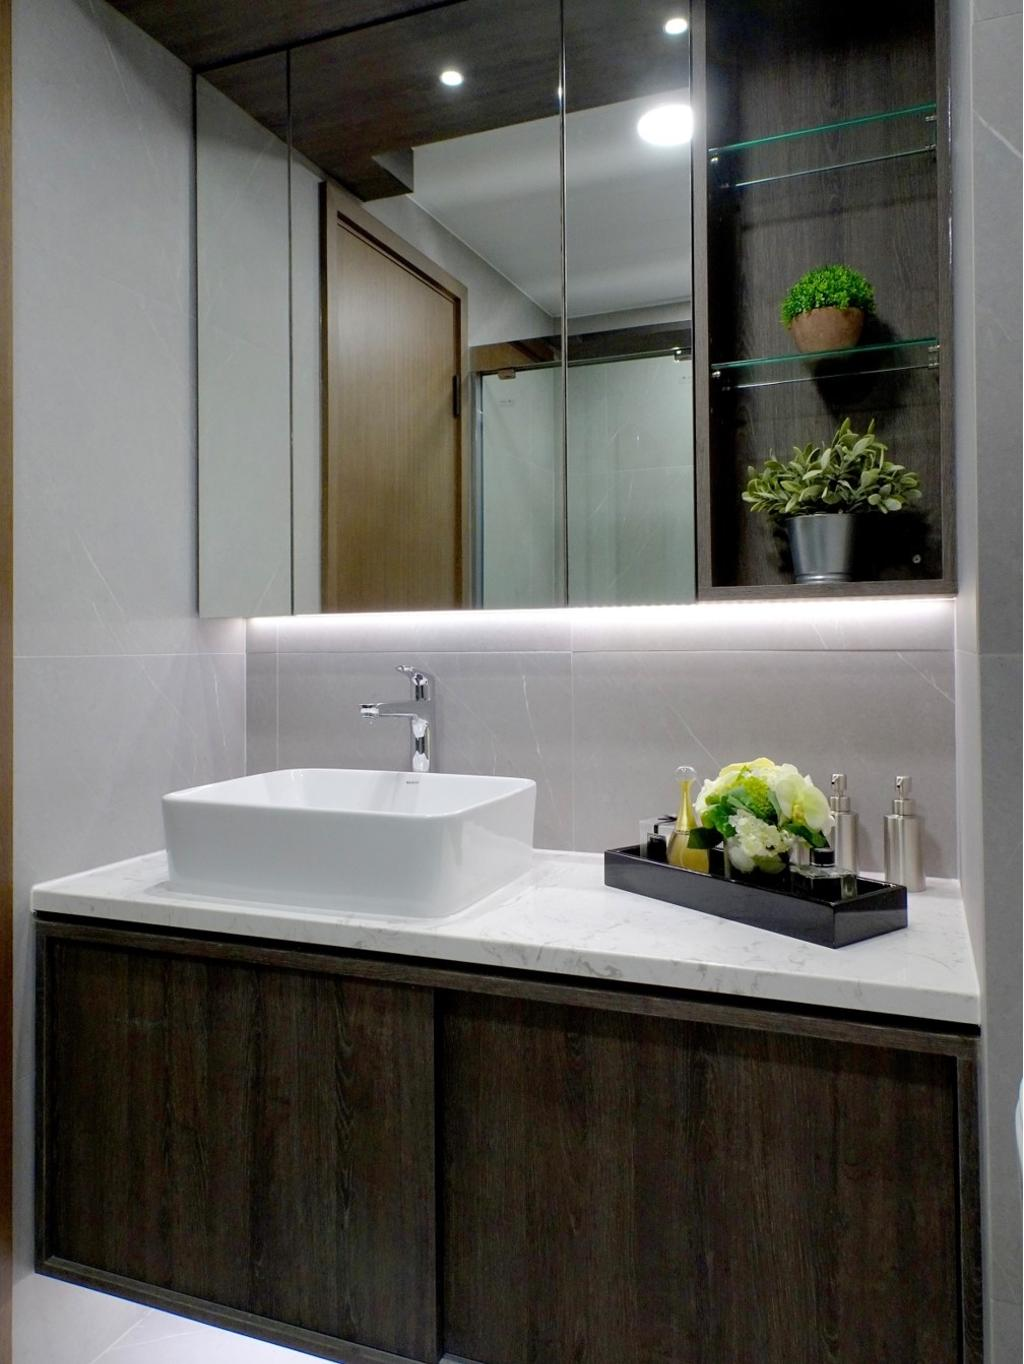 摩登, 私家樓, 浴室, 粉嶺牽晴間, 室內設計師, 禾烽室內設計, 當代